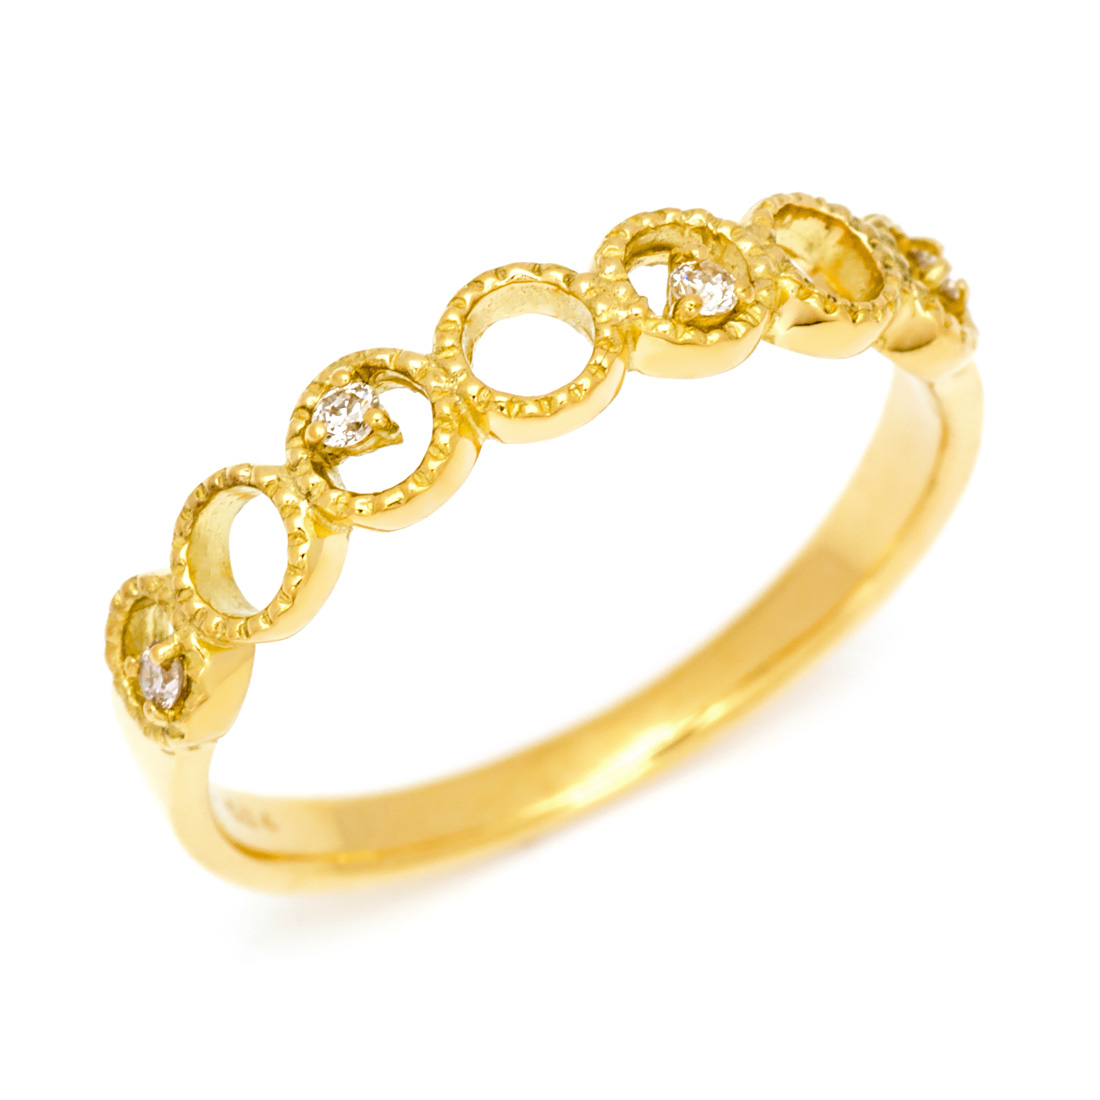 K18 ダイヤモンド リング 「diafano」送料無料 指輪 18K 18金 ゴールド ダイアモンド ミル打ち 4月誕生石 誕生日 文字入れ 刻印 ピンキーリング対応可能 メッセージ ギフト 贈り物